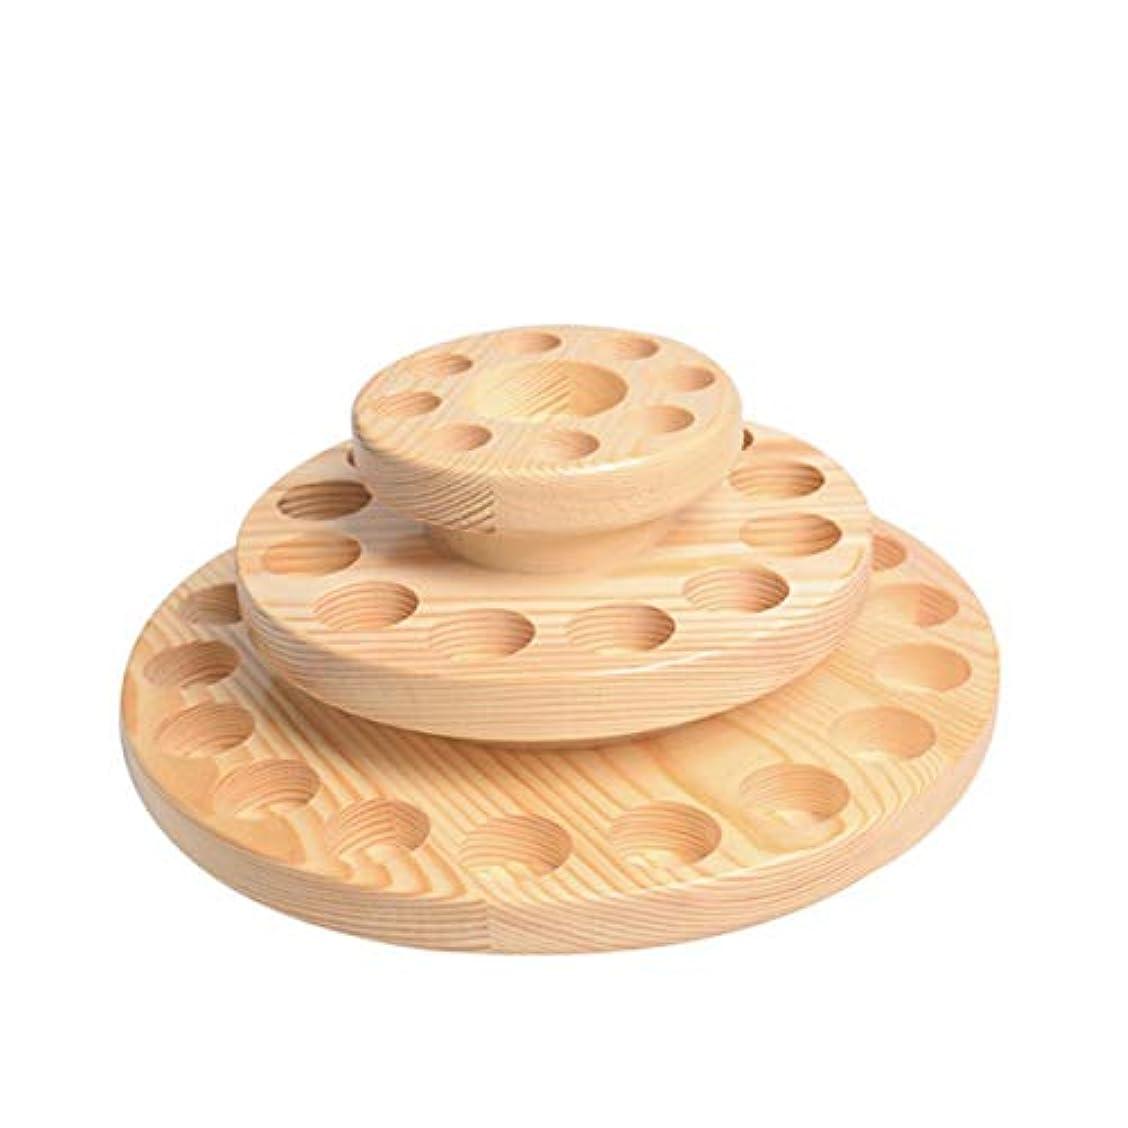 回る符号専門知識TINKSKY アロマオイルスタンド エッセンシャルオイル収納 精油 ディスプレイスタンド 木製 回転台 精油収納 見つけ易い 39本用